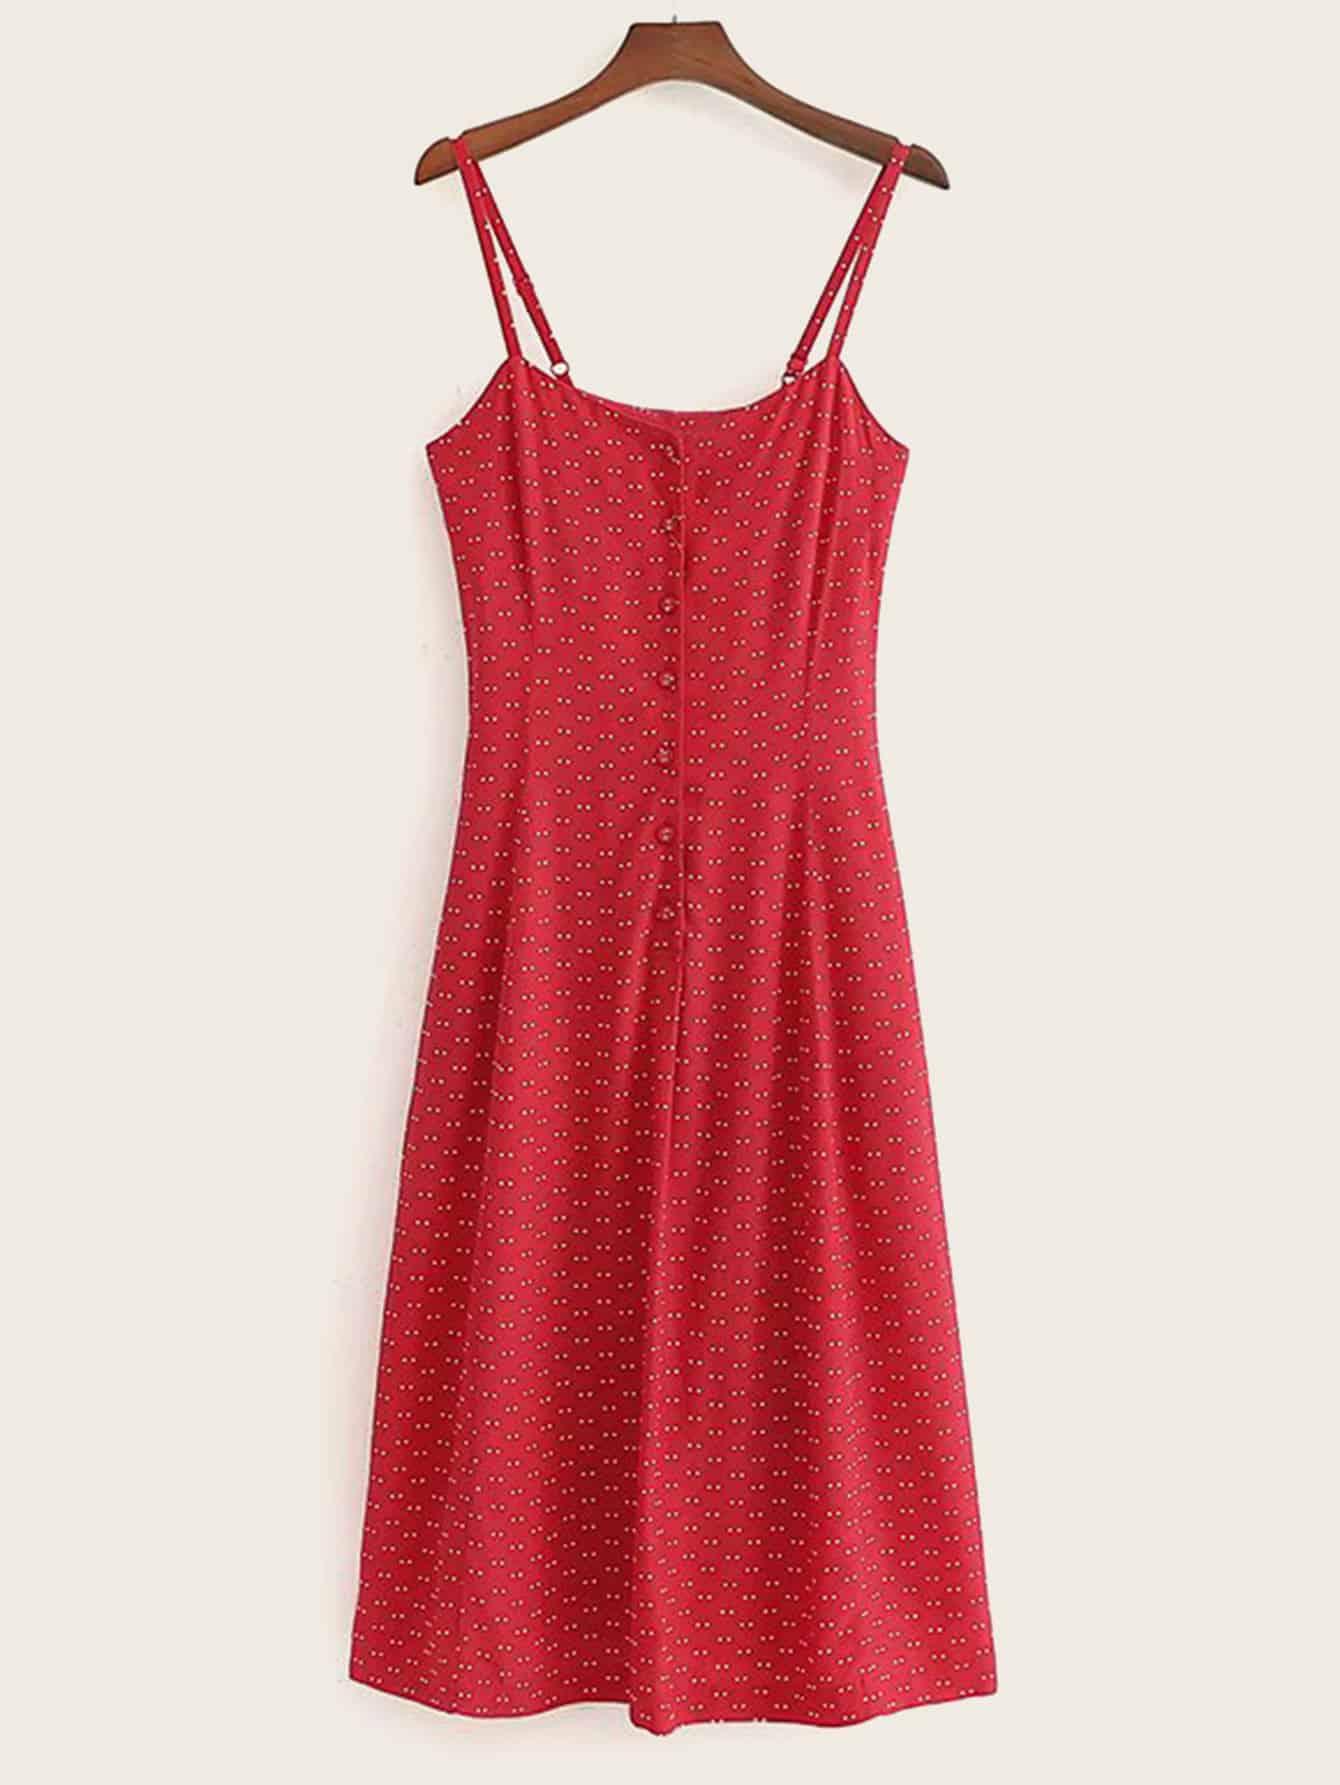 Фото - Платье на бретелях в горошек с пуговицами от SheIn цвет красные